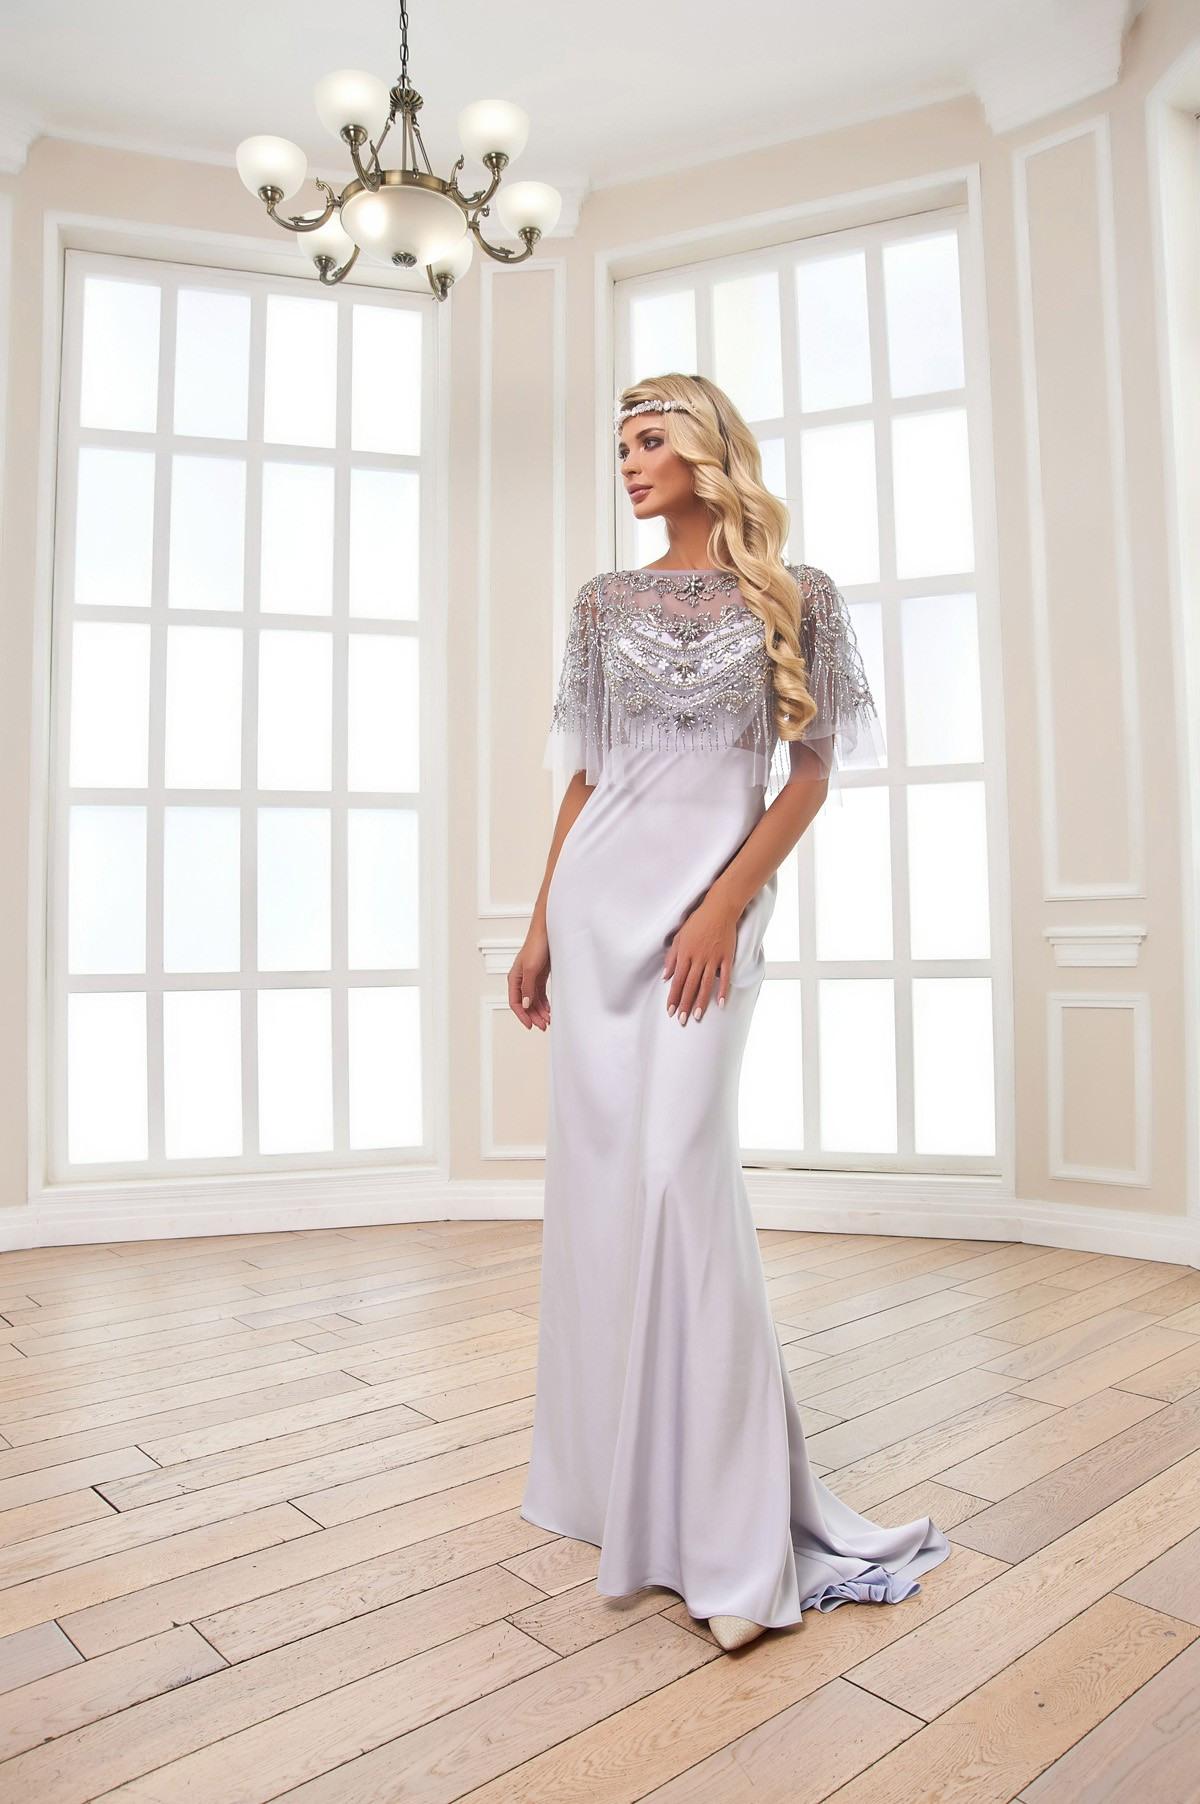 20 Ausgezeichnet Abend Kleid Mieten Bester Preis15 Luxus Abend Kleid Mieten Bester Preis